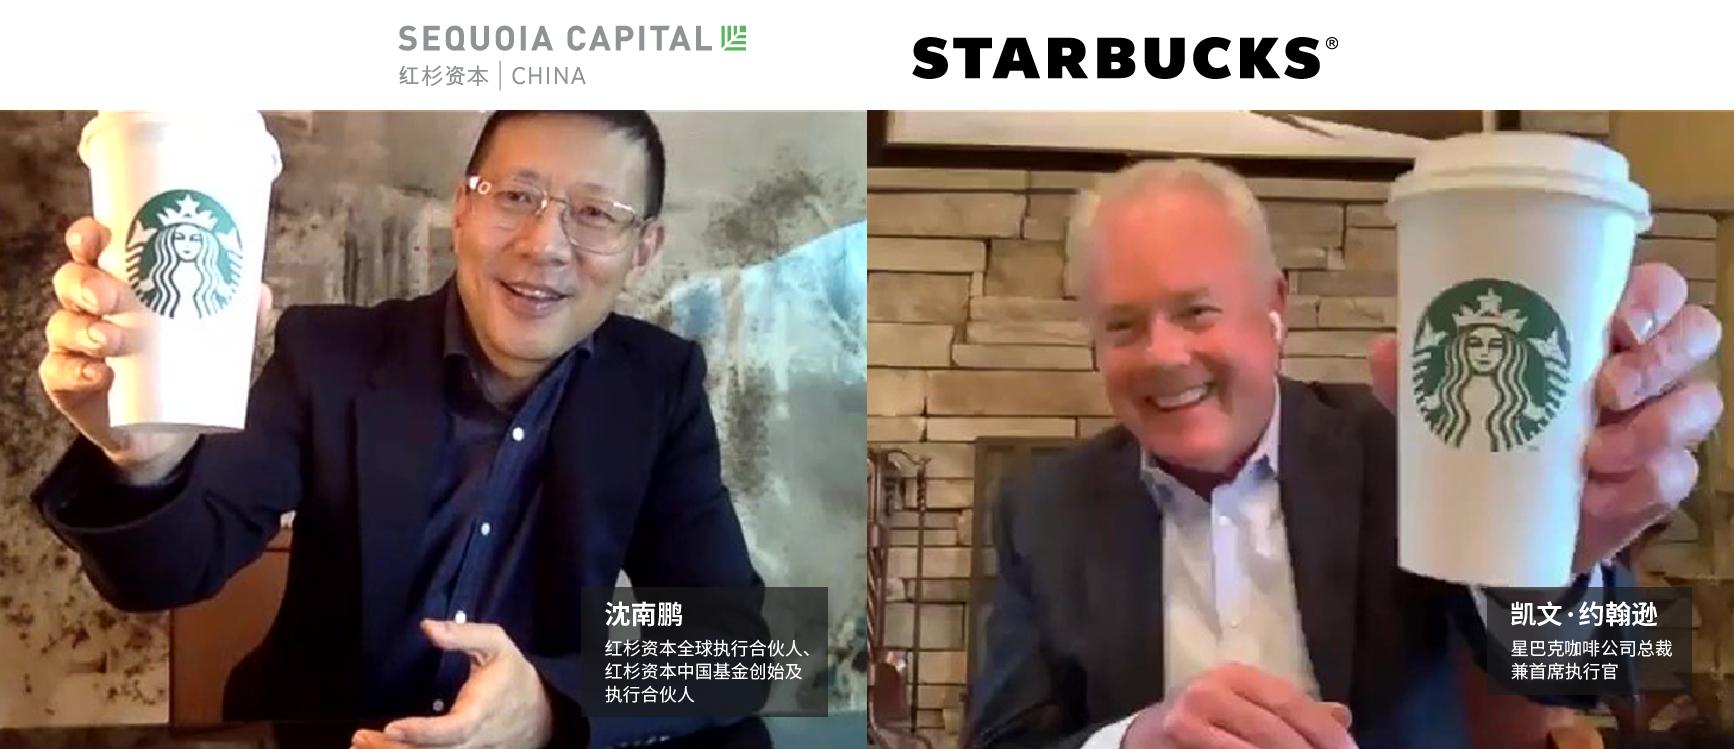 星巴克中国加速零售创新步伐与红杉中国达成战略合作